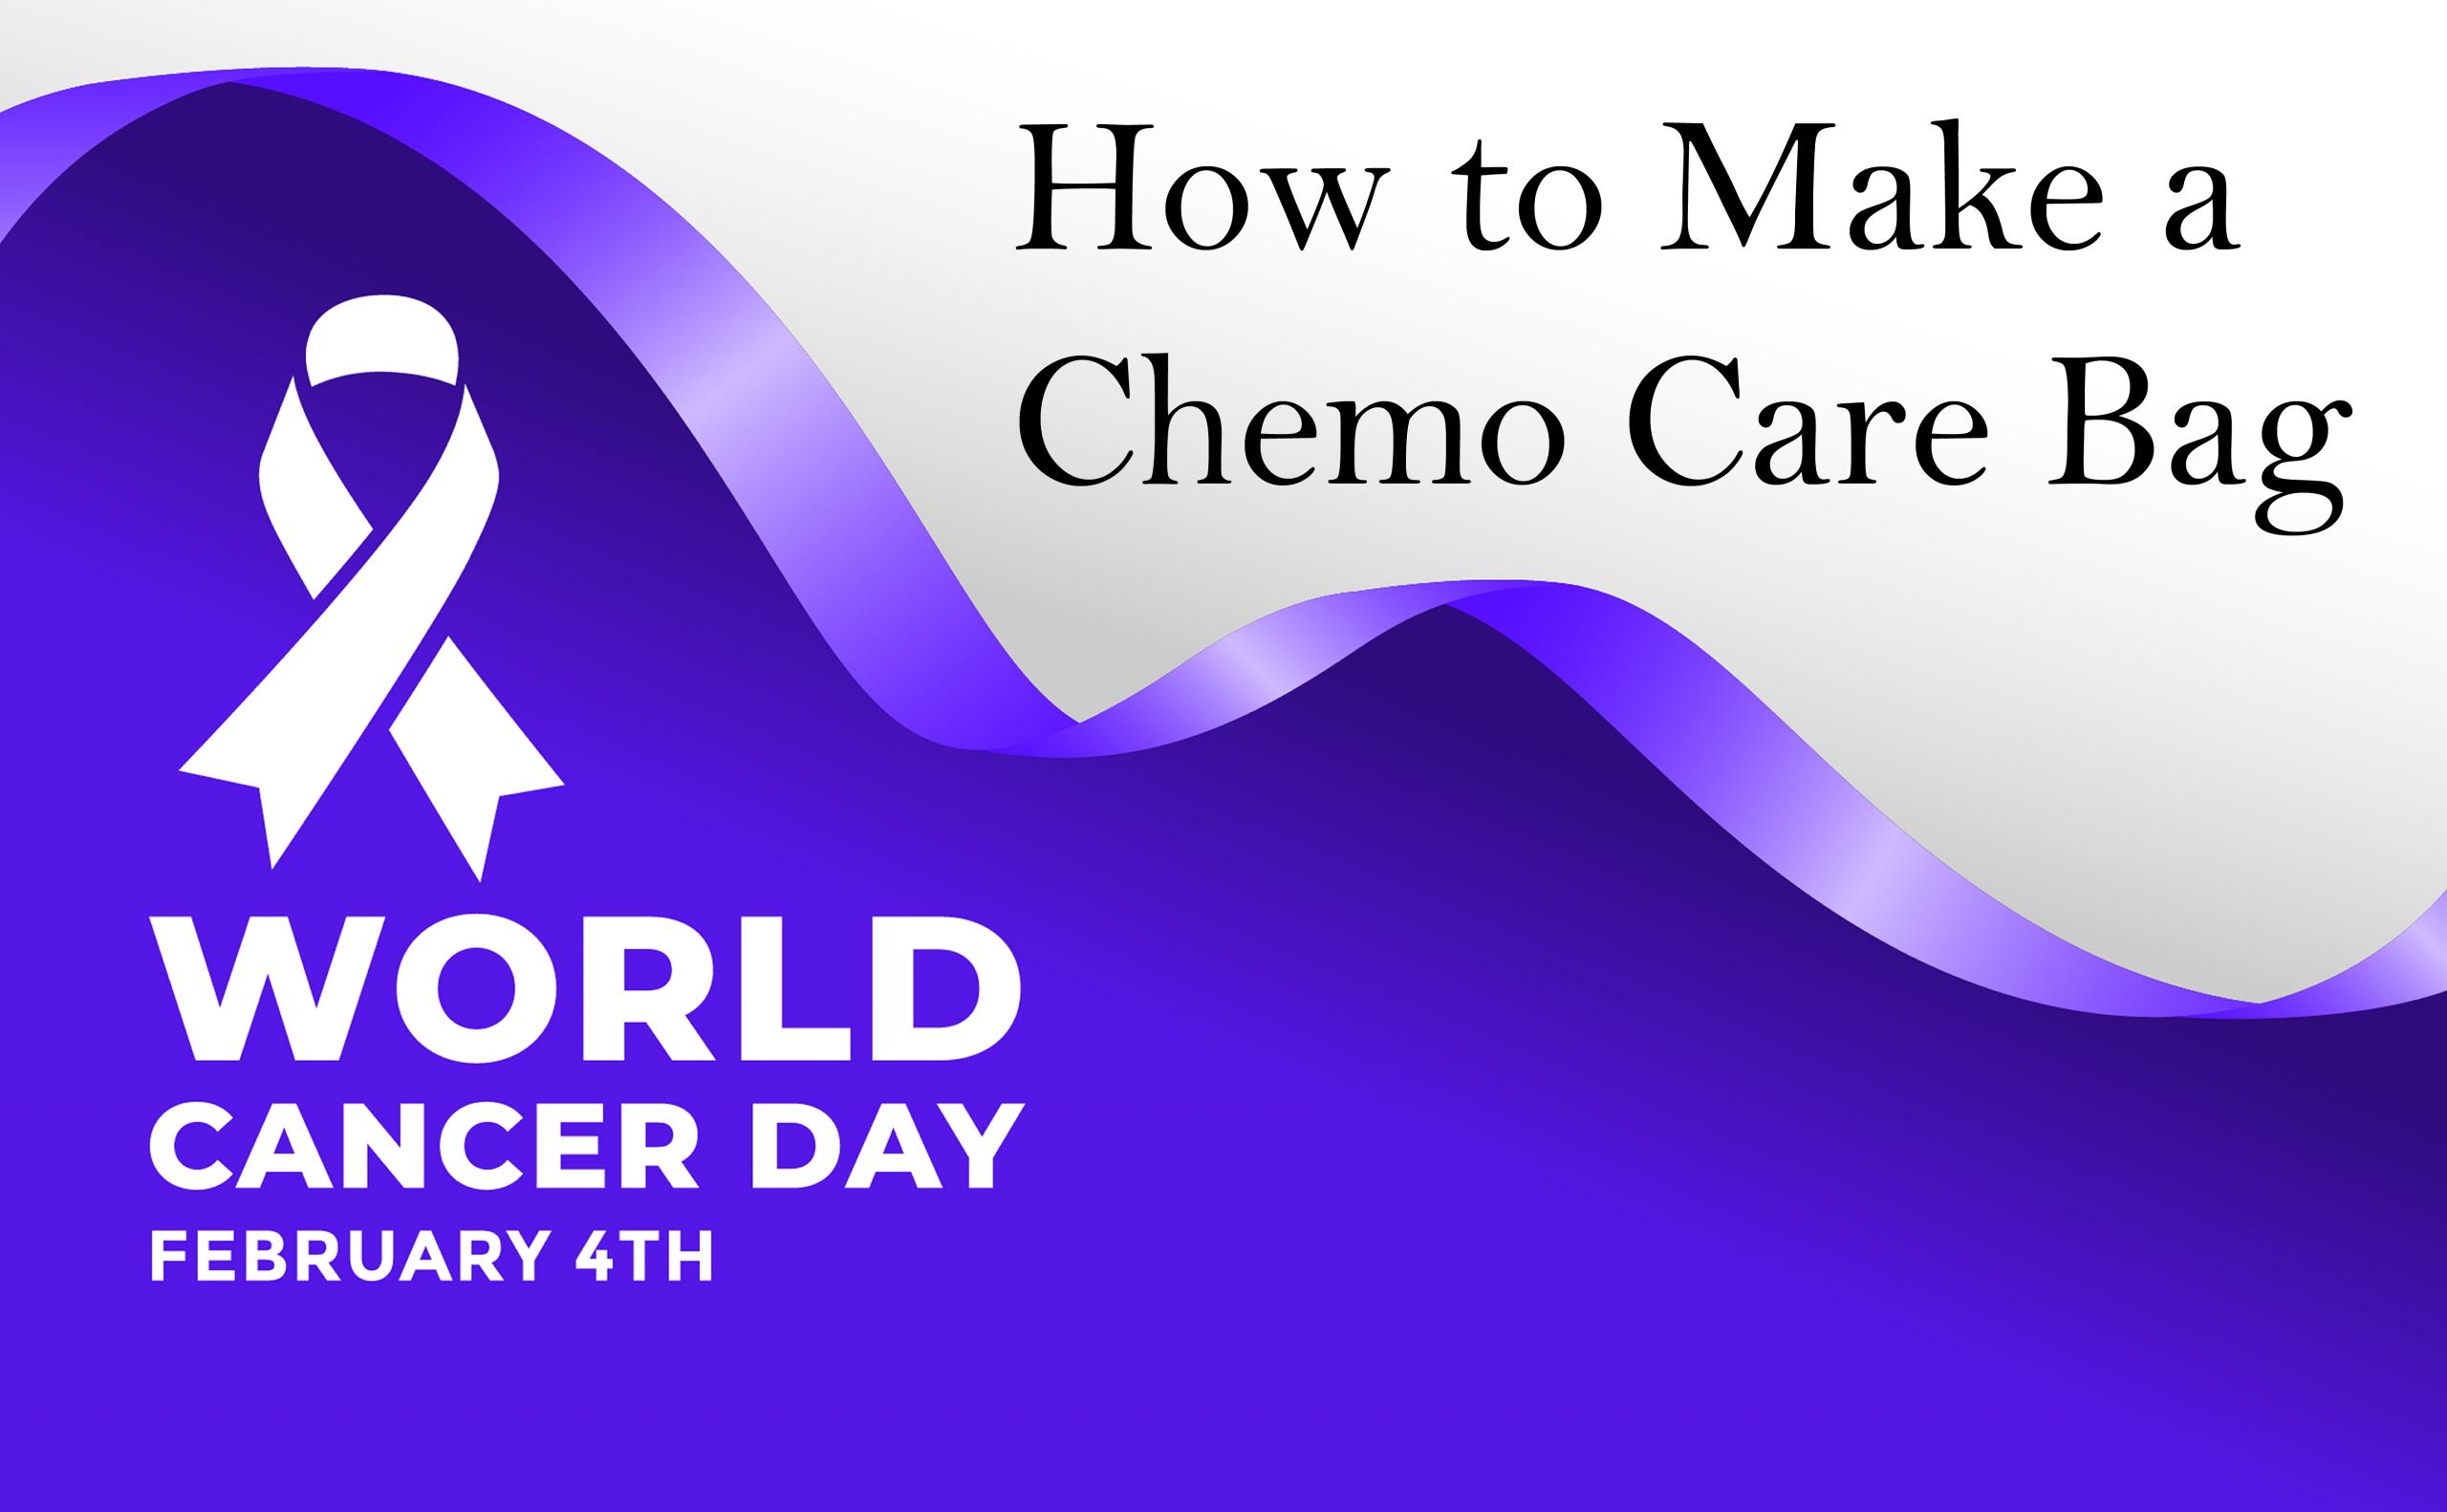 How To Make A Chemo Care Bag